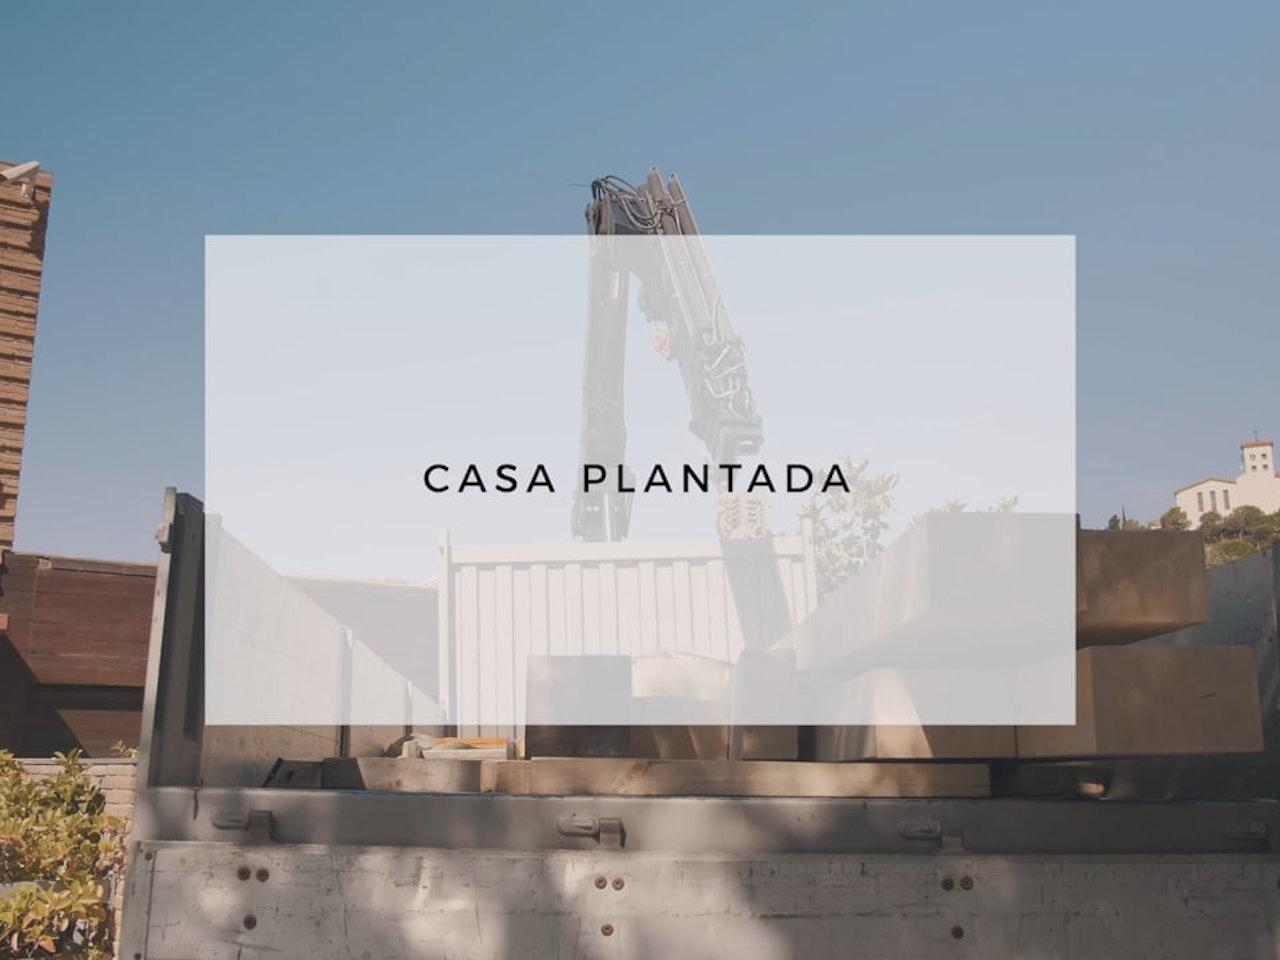 CASA PLANTADA